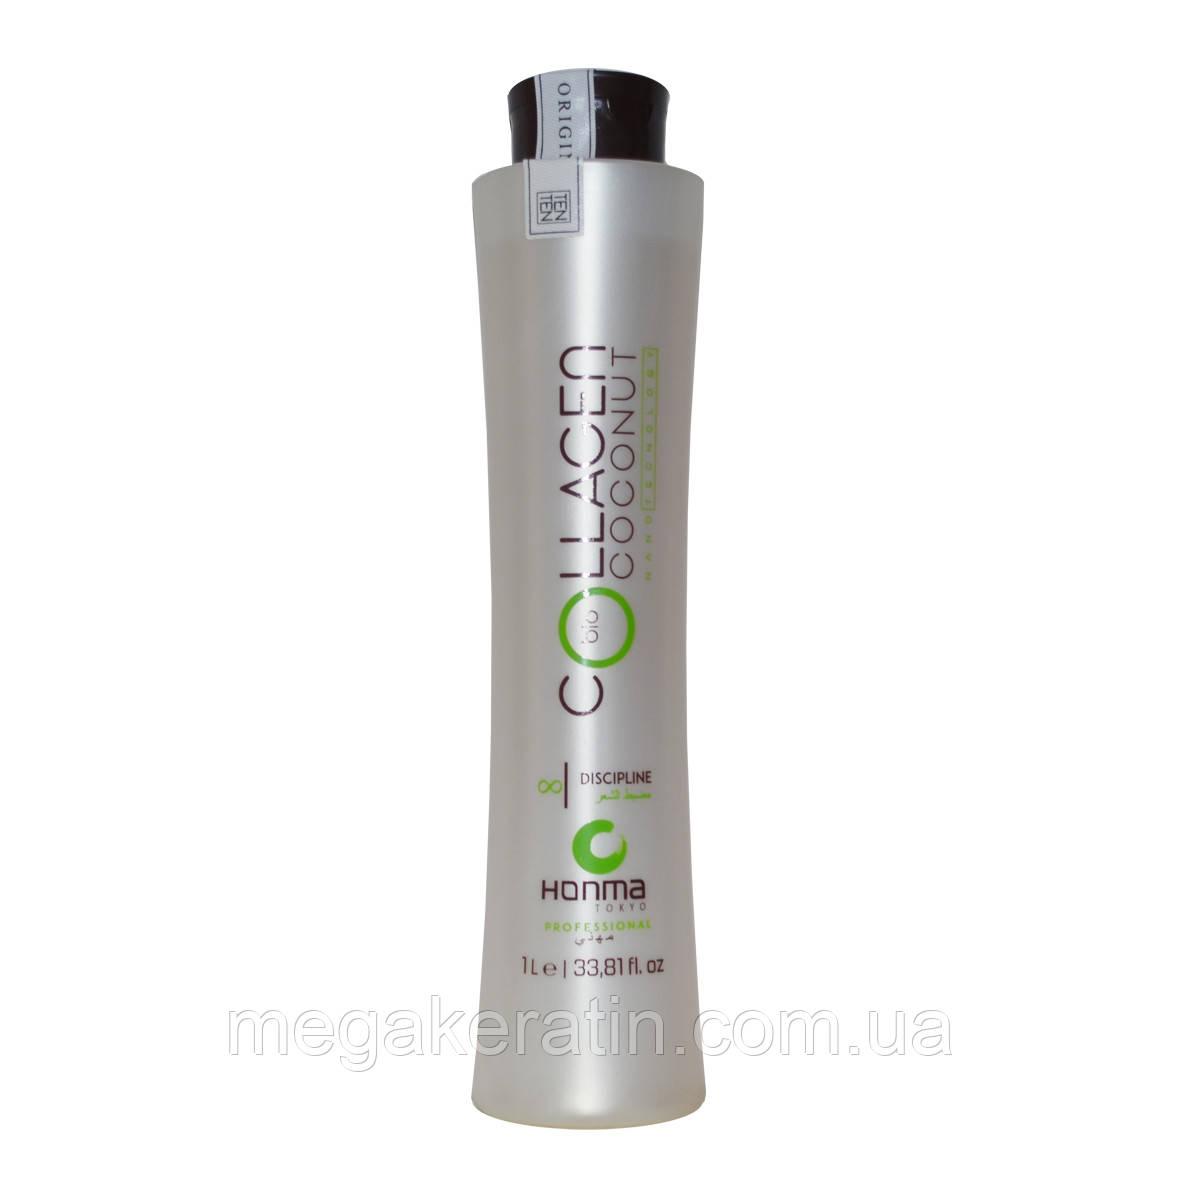 Нанопластика для волос с коллагеном Bio Coconut Collagen Discipline - 1000 мл.